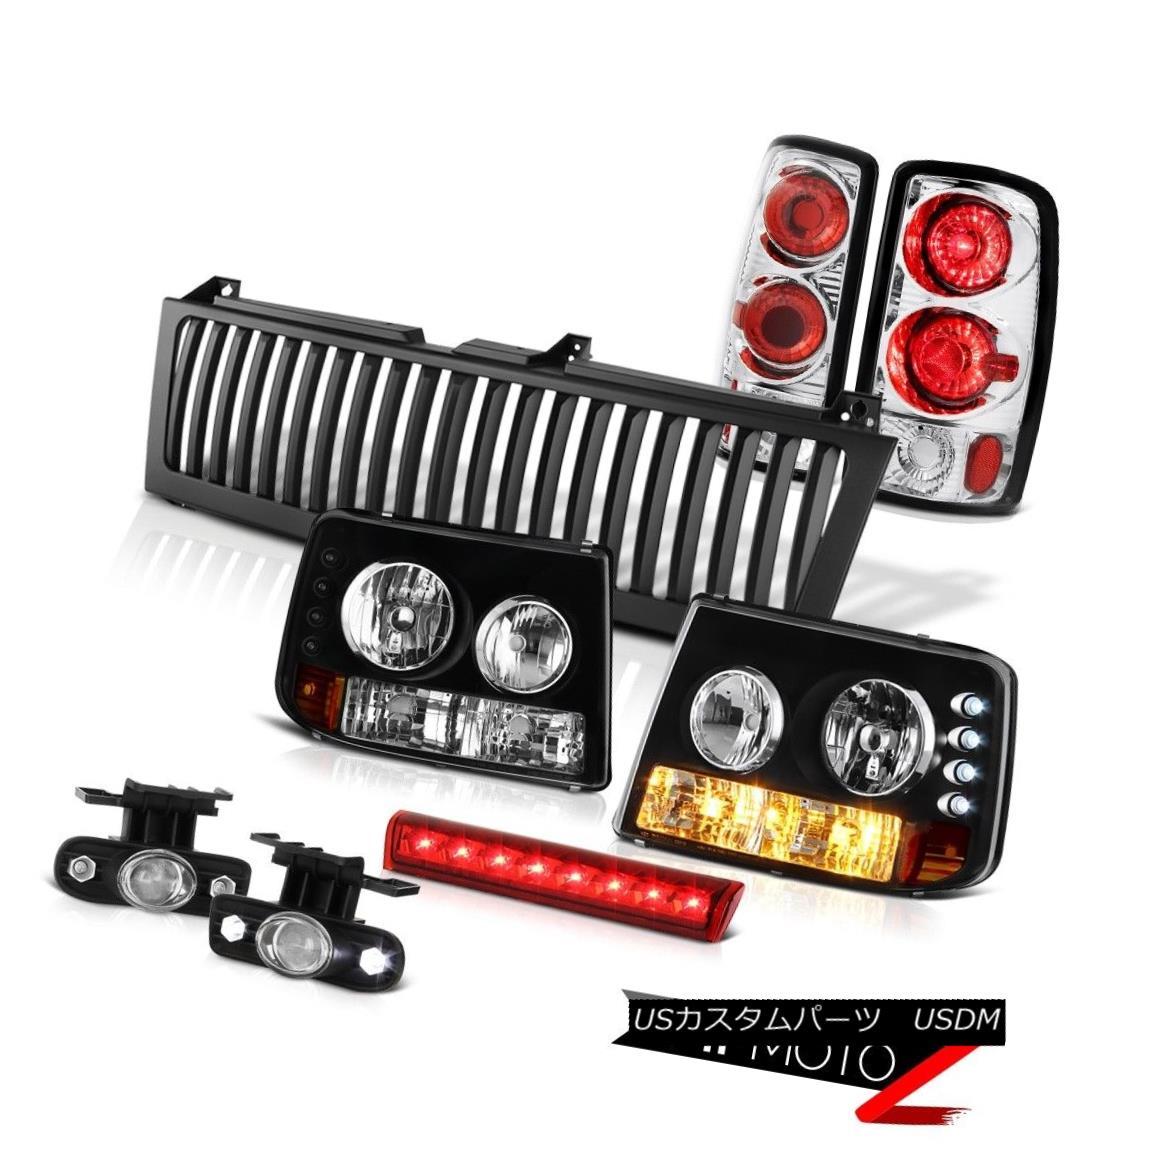 ヘッドライト Parking Headlamps Rear Brake Tail Euro Fog High LED Black 2000-06 Chevy Suburban パーキングヘッドランプリアブレーキテールユーロフォグハイLEDブラック2000-06シボレー郊外